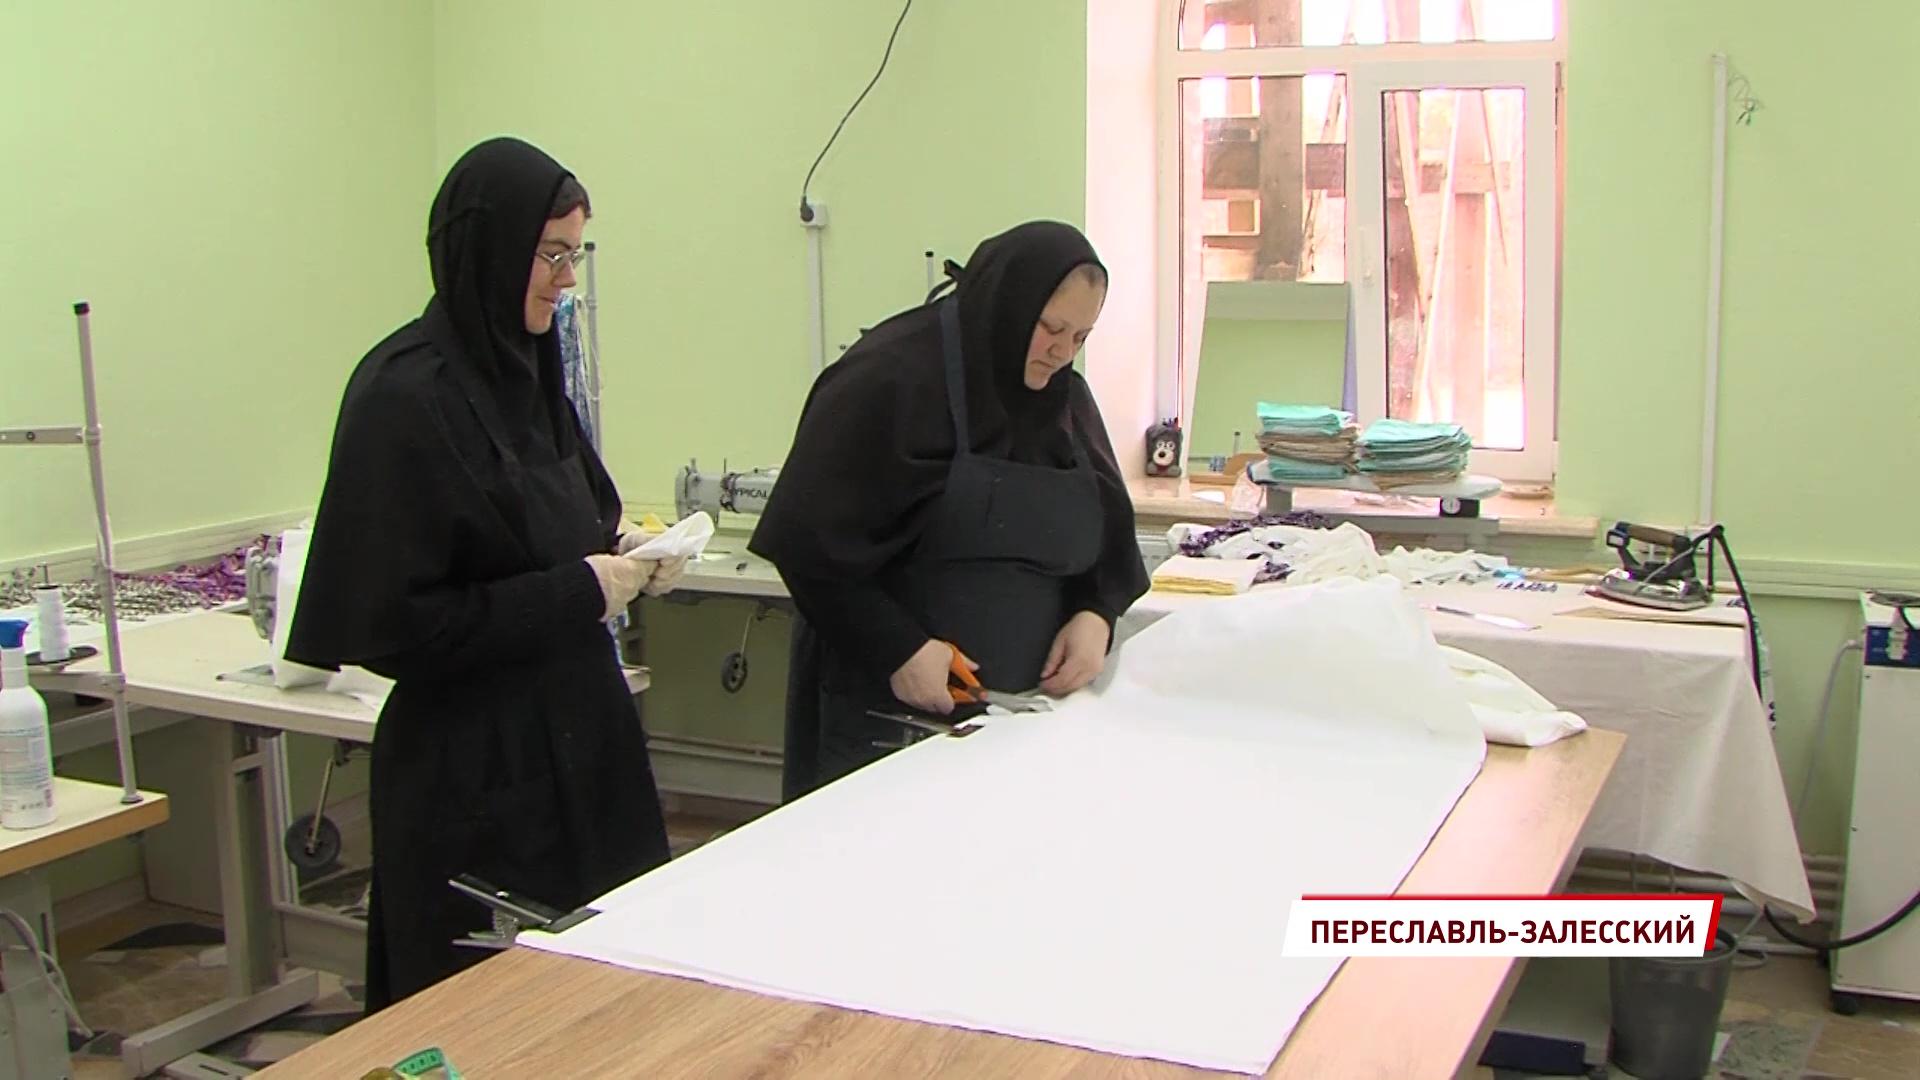 Вслед за промышленниками к пошиву масок присоединились и монастыри